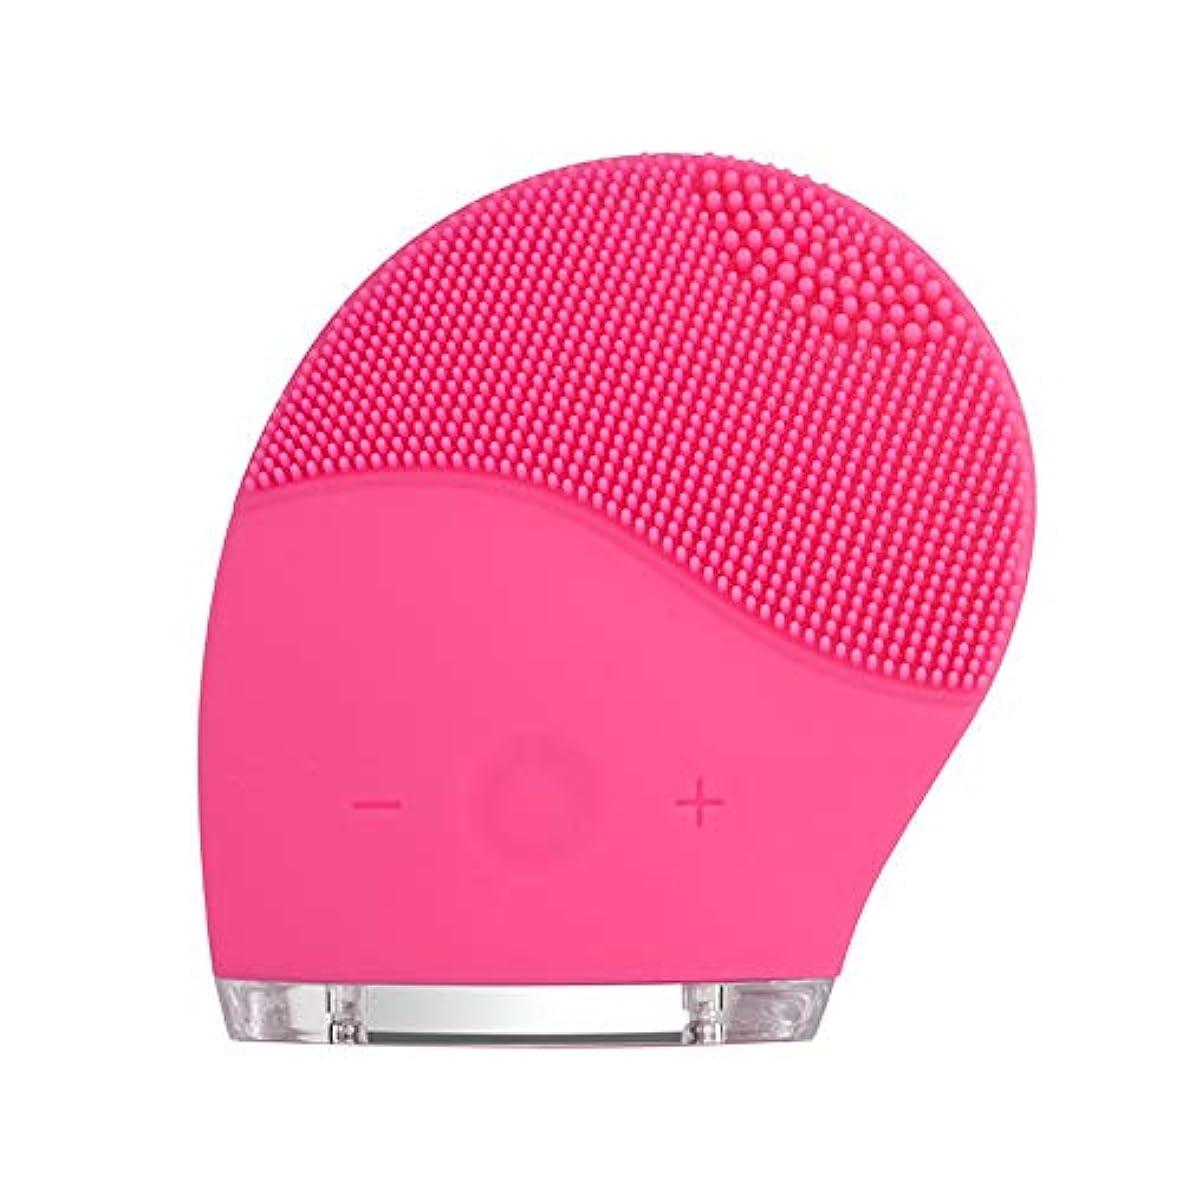 忘れっぽい不合格ケージkaixi 2019最新のシリコーンクレンジング楽器洗浄ブラシ電気美容器具毛穴きれいな柔らかい髪振動充電式洗浄アーティファクト